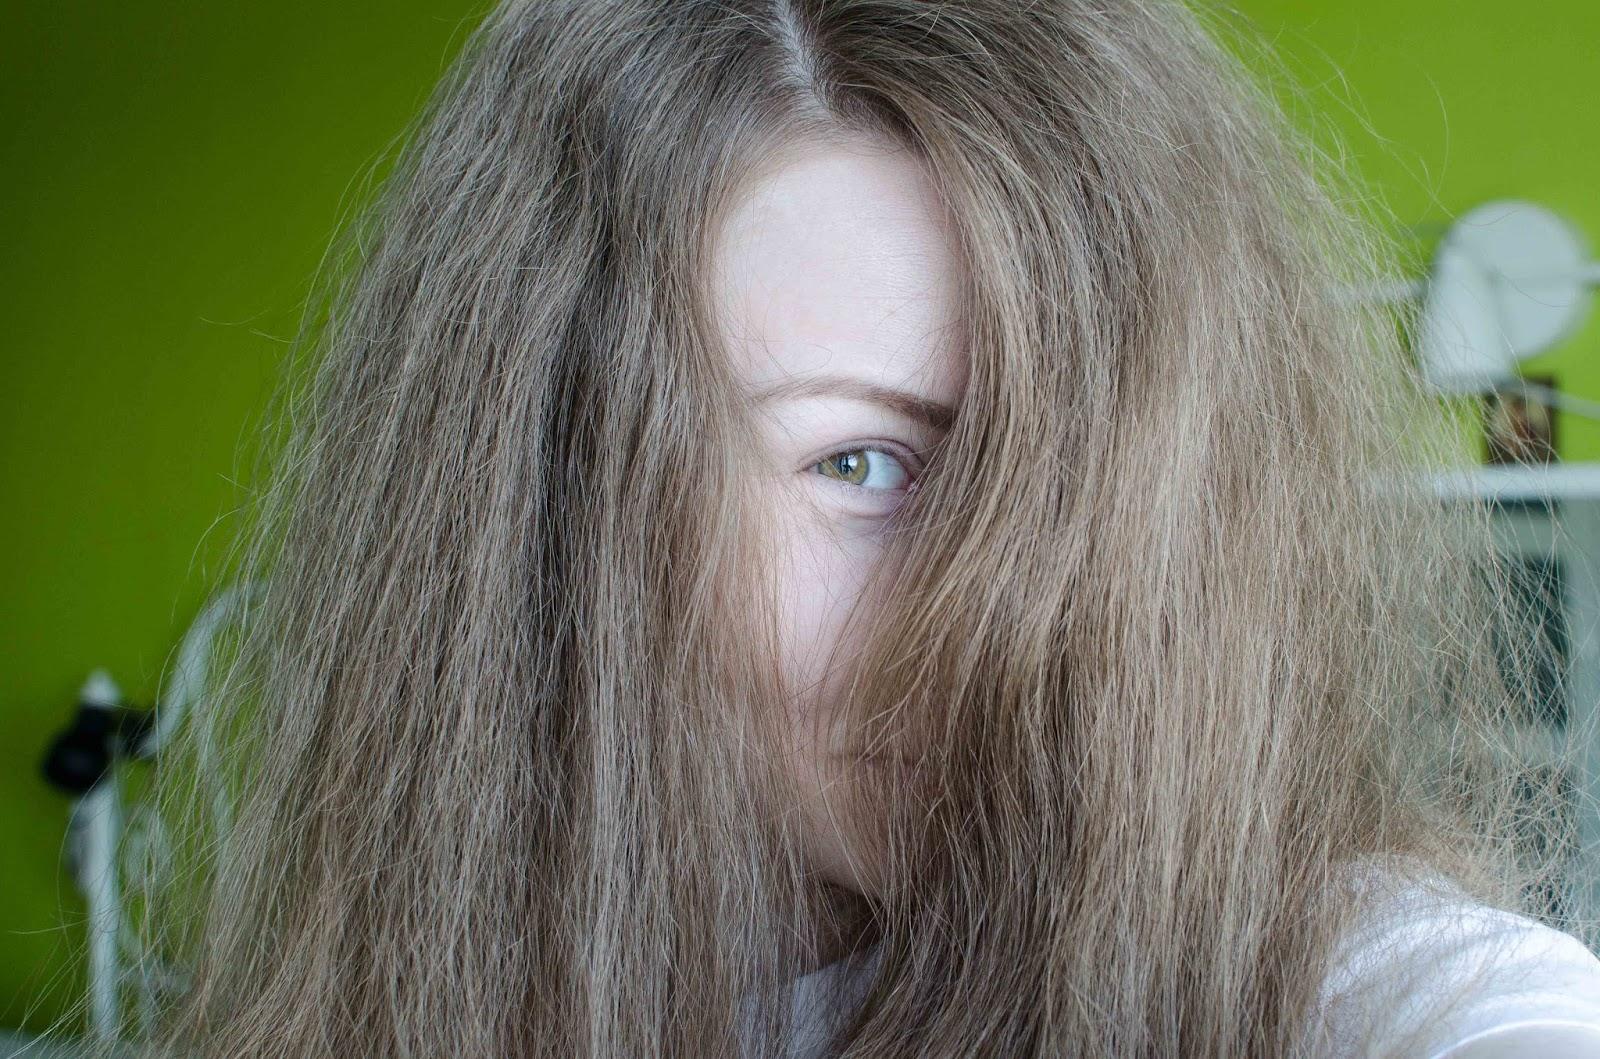 Чем мыть волосы чтобы волосы не жирнели? 10 советов 83